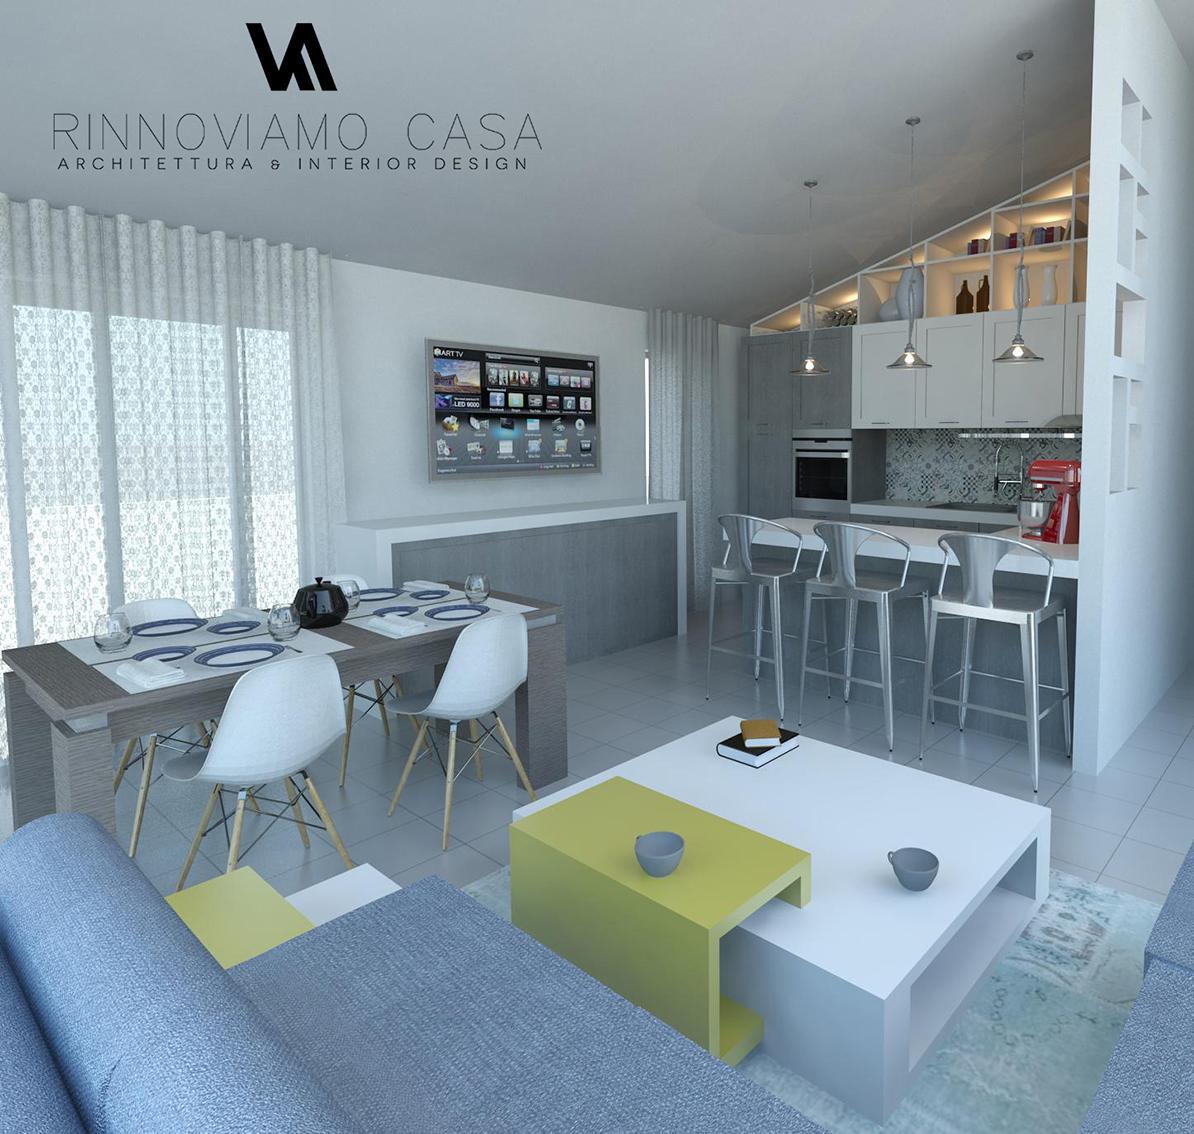 Progetti rinnoviamo casa consulenza architettonica e - Progettazione cucina on line ...